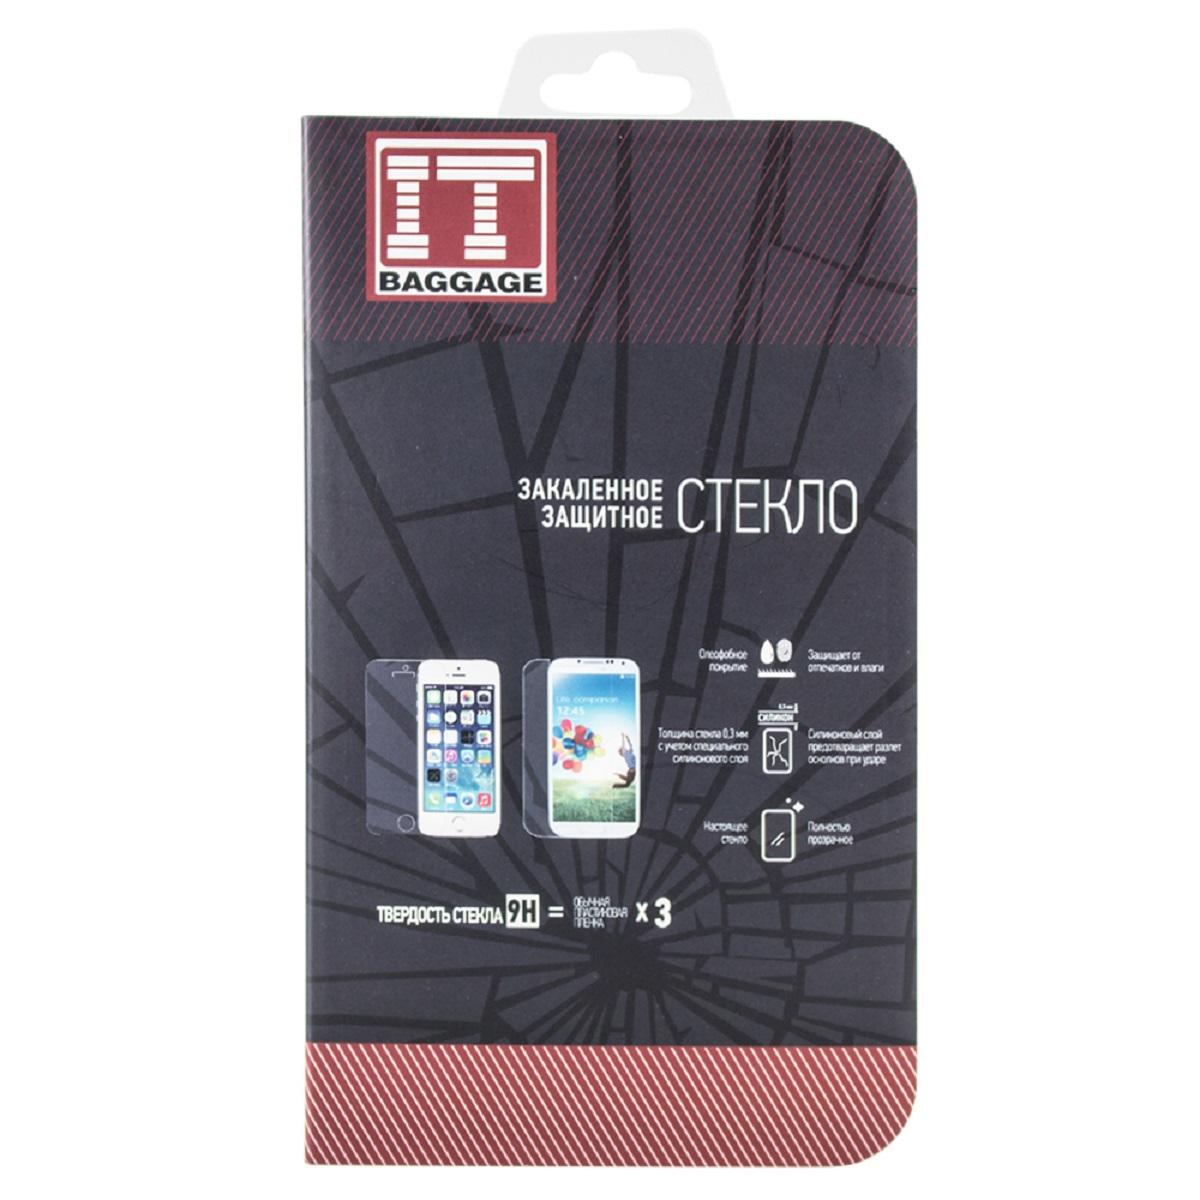 IT Baggage защитное стекло для Xiaomi Mi NoteITXMMINOTEGЗакаленное стекло IT Baggage для Xiaomi Mi Note - это самый верный способ защитить экран от повреждений и загрязнений. Обладает высочайшим уровнем прозрачности и совершенно не влияет на отклик экранного сенсора и качество изображения. Препятствует появлению отпечатков и пятен. Удалить следы жира и косметики с поверхности аксессуара не составить ни какого труда. Характеристики защитного стекла делают его износостойким к таким механическим повреждениям, как царапины, сколы, потертости. При сильном ударе разбившееся стекло не разлетается на осколки, предохраняя вас от порезов, а экран устройства от повреждений. После снятия защитного стекла с поверхности дисплея, на нем не остаются повреждения, такие как потертости и царапины.